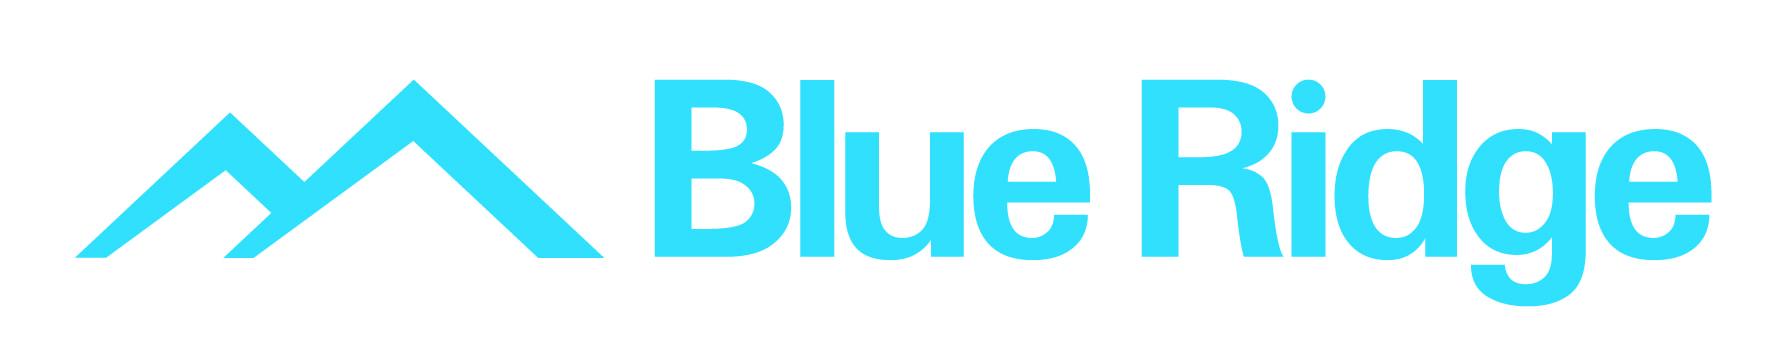 blue-ridge-2019-01.jpg